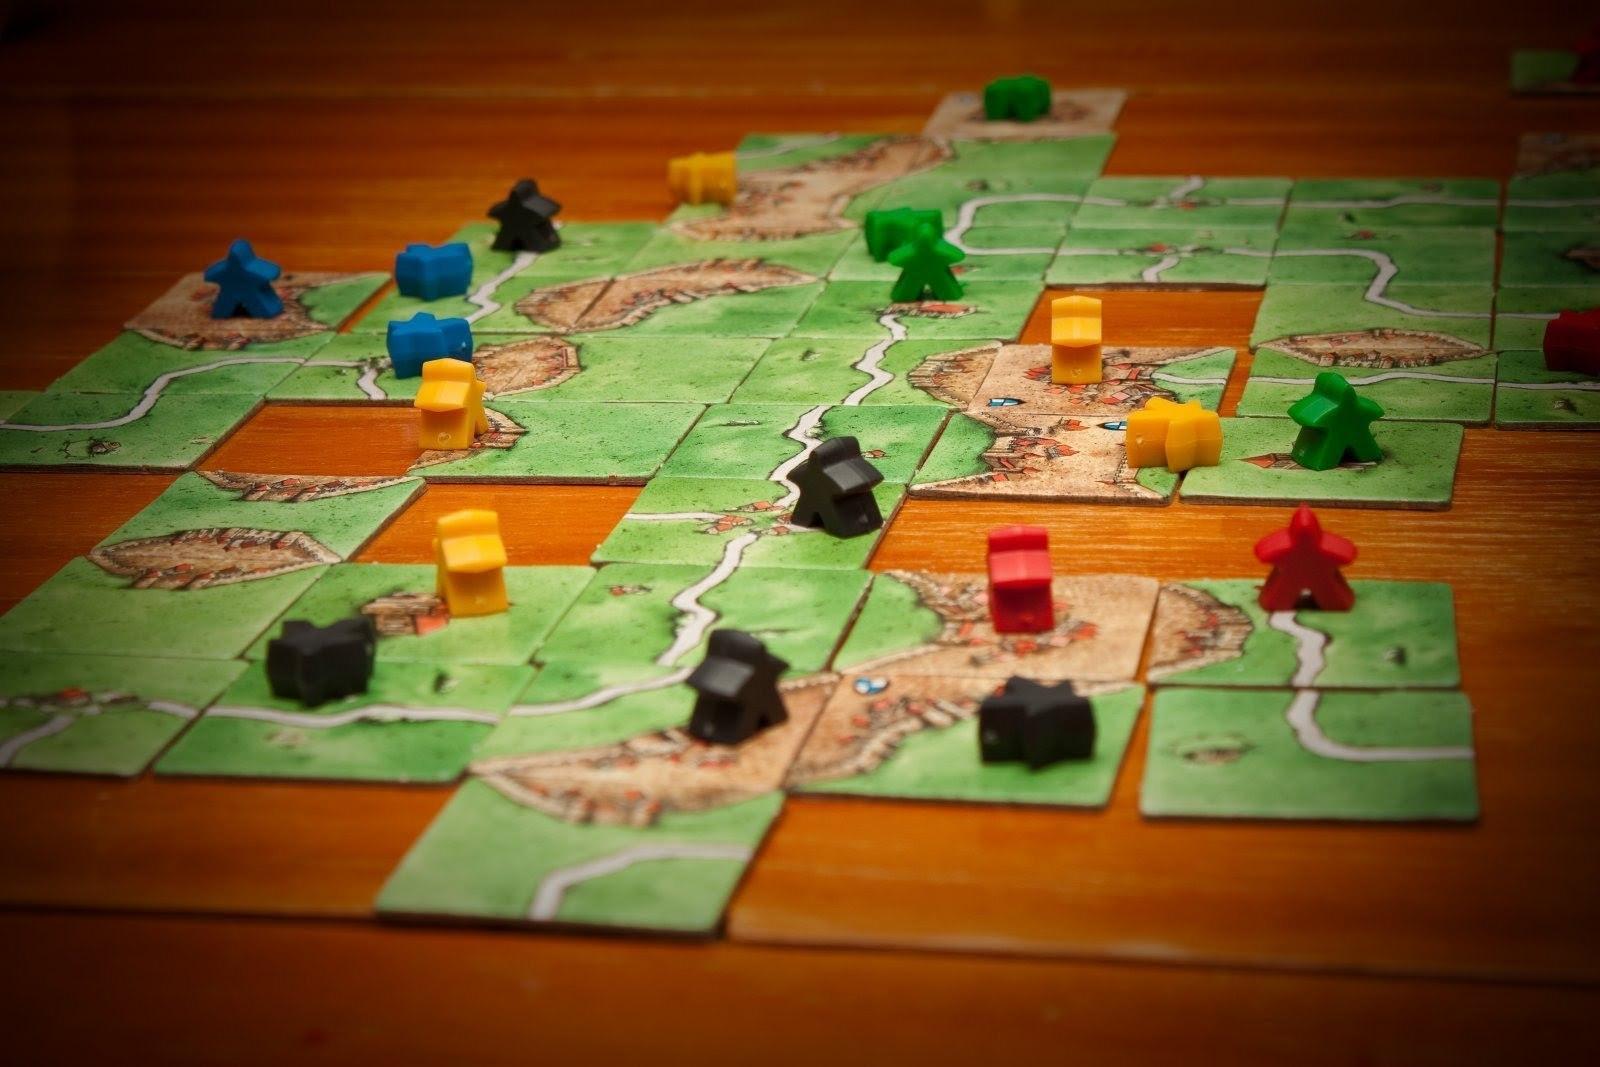 Основы геймдизайна: 20 настольных игр. Часть чертвертая: Билет на поезд, Каркассон, Колонизаторы - 3